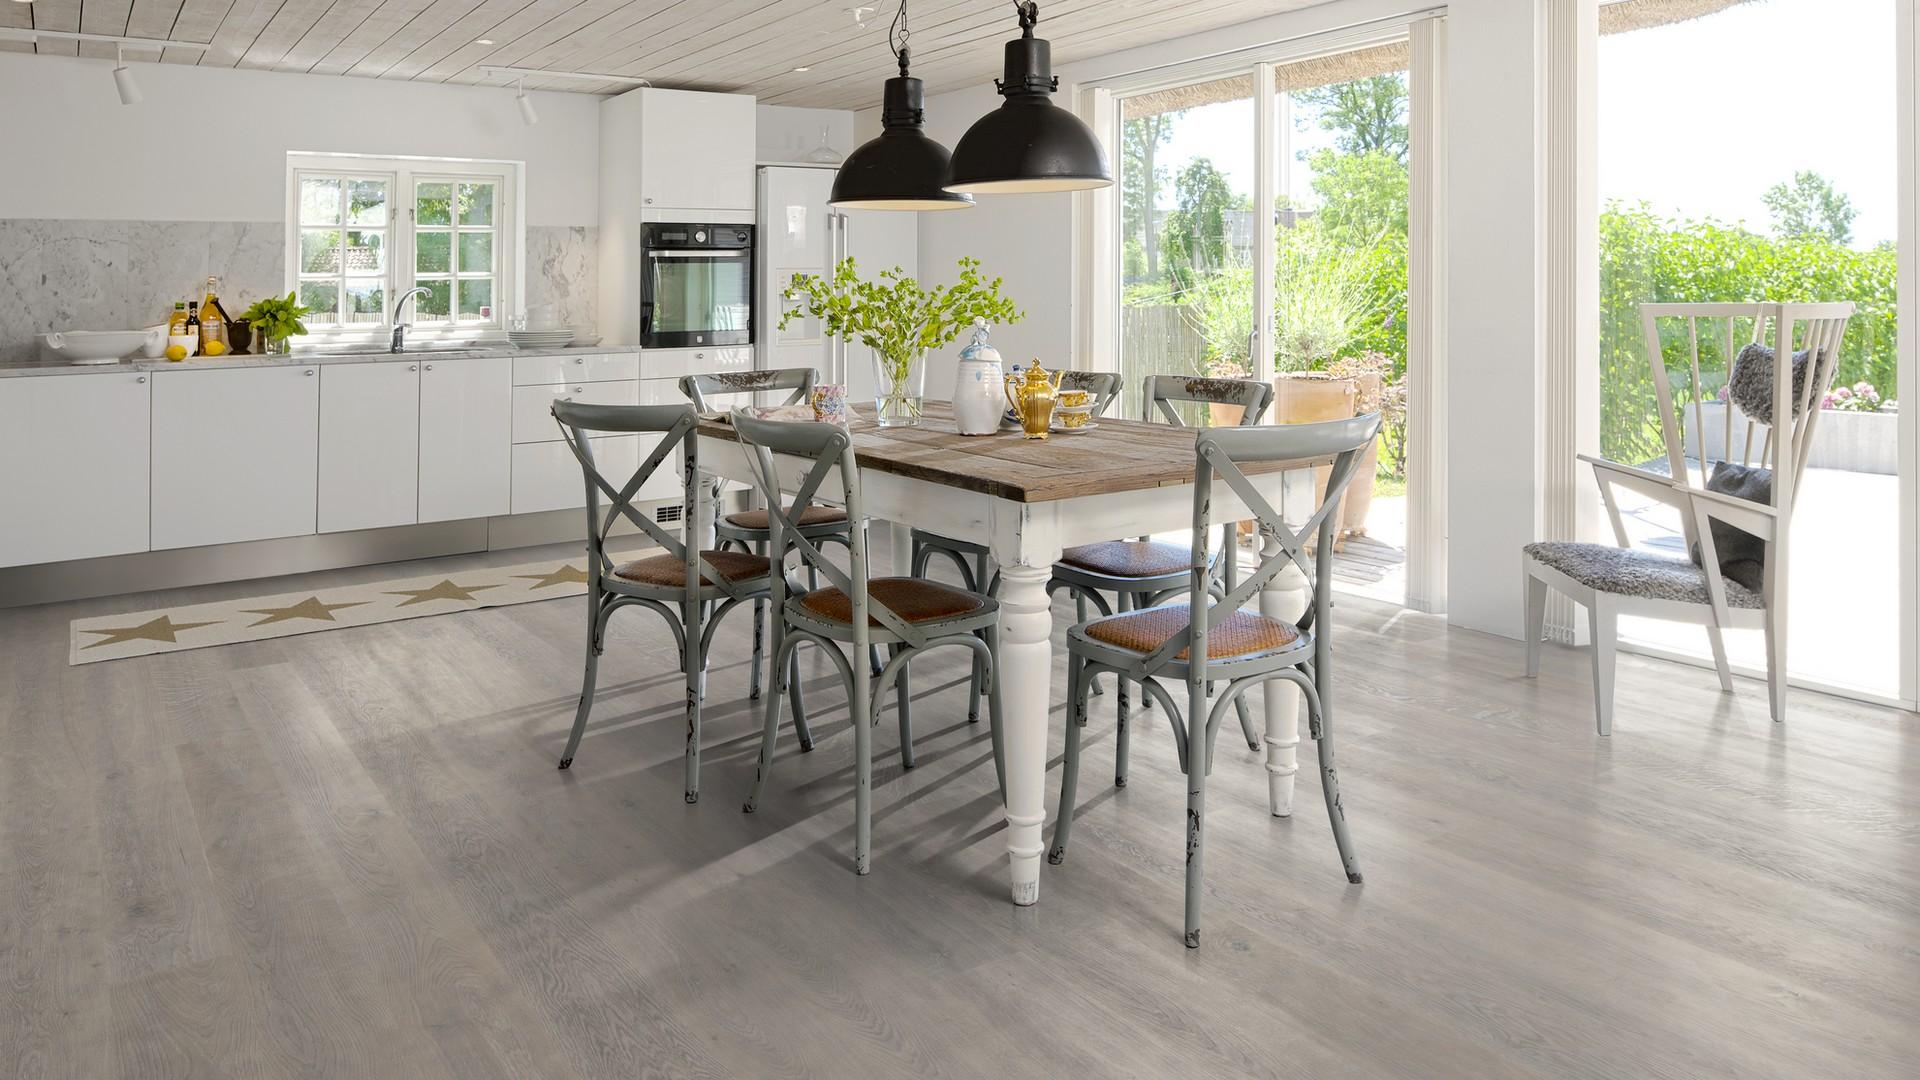 Parketti : Karelia parketti on tyylikäs ja kestävä valinta kotisi lattiaksi